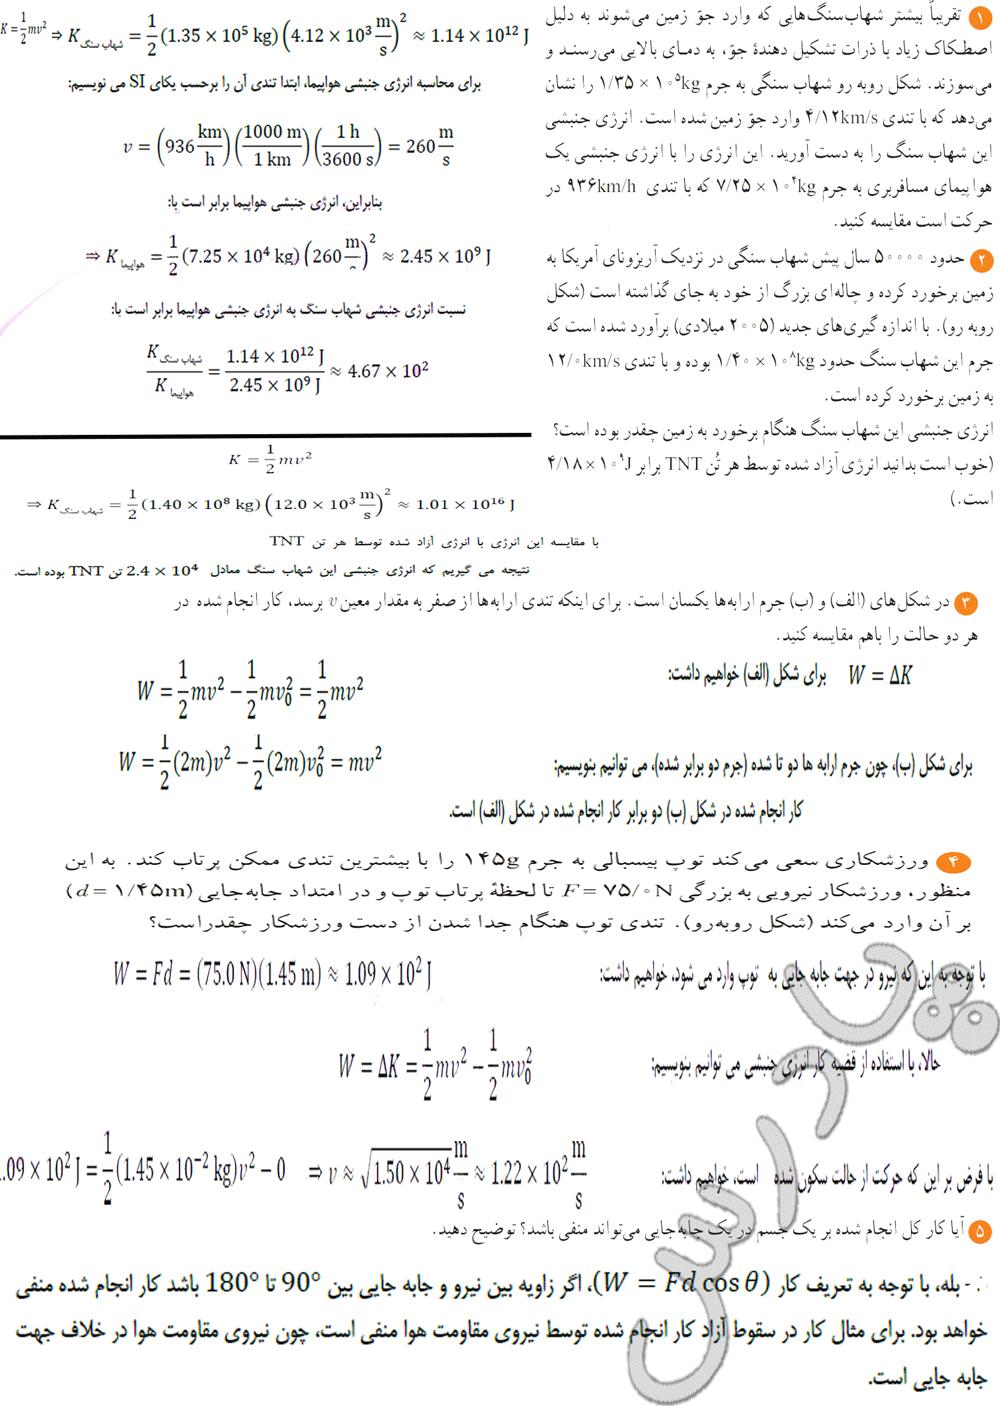 حل مسائل 1 تا 5 فصل دوم  فیزیک دهم